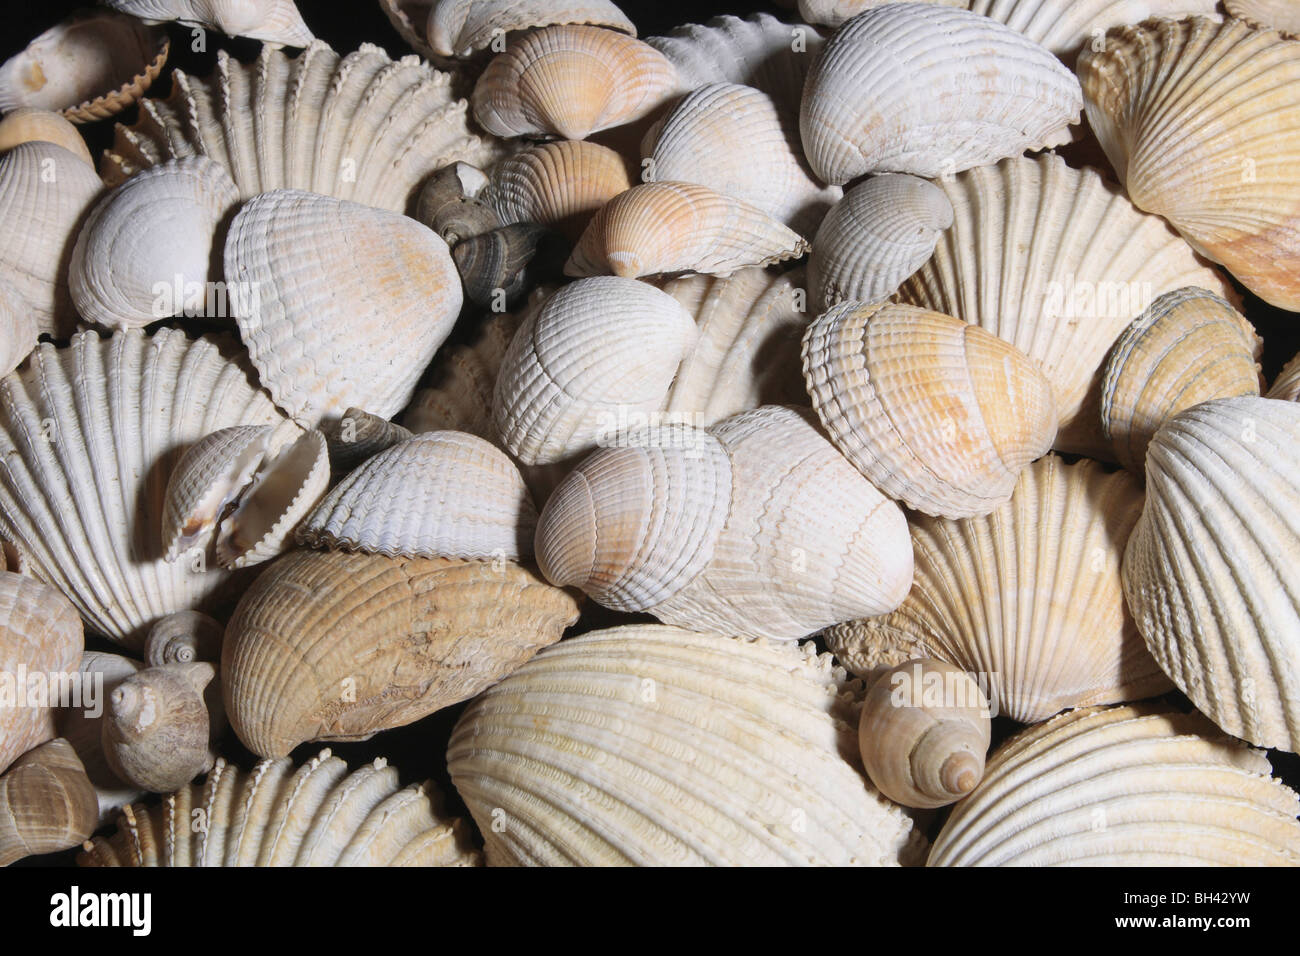 Accozzaglia di moderni Brachipod conchiglie sulla spiaggia. Immagini Stock